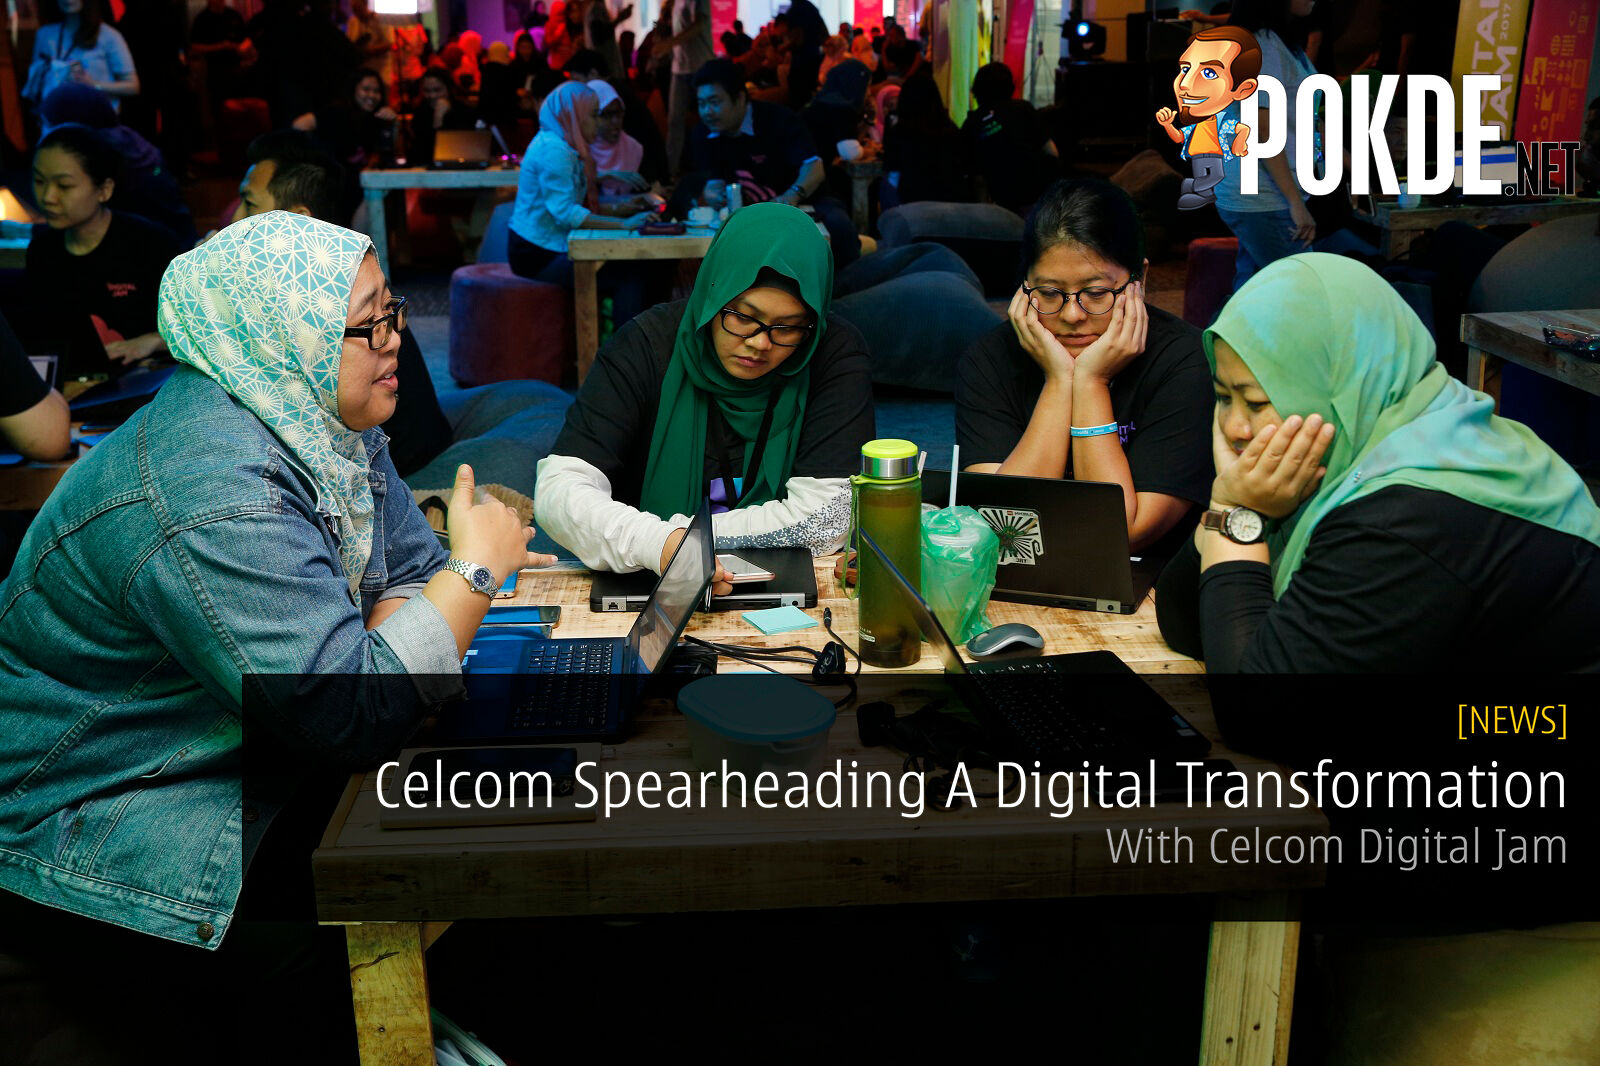 Celcom Spearheading A Digital Transformation with Celcom Digital Jam 27